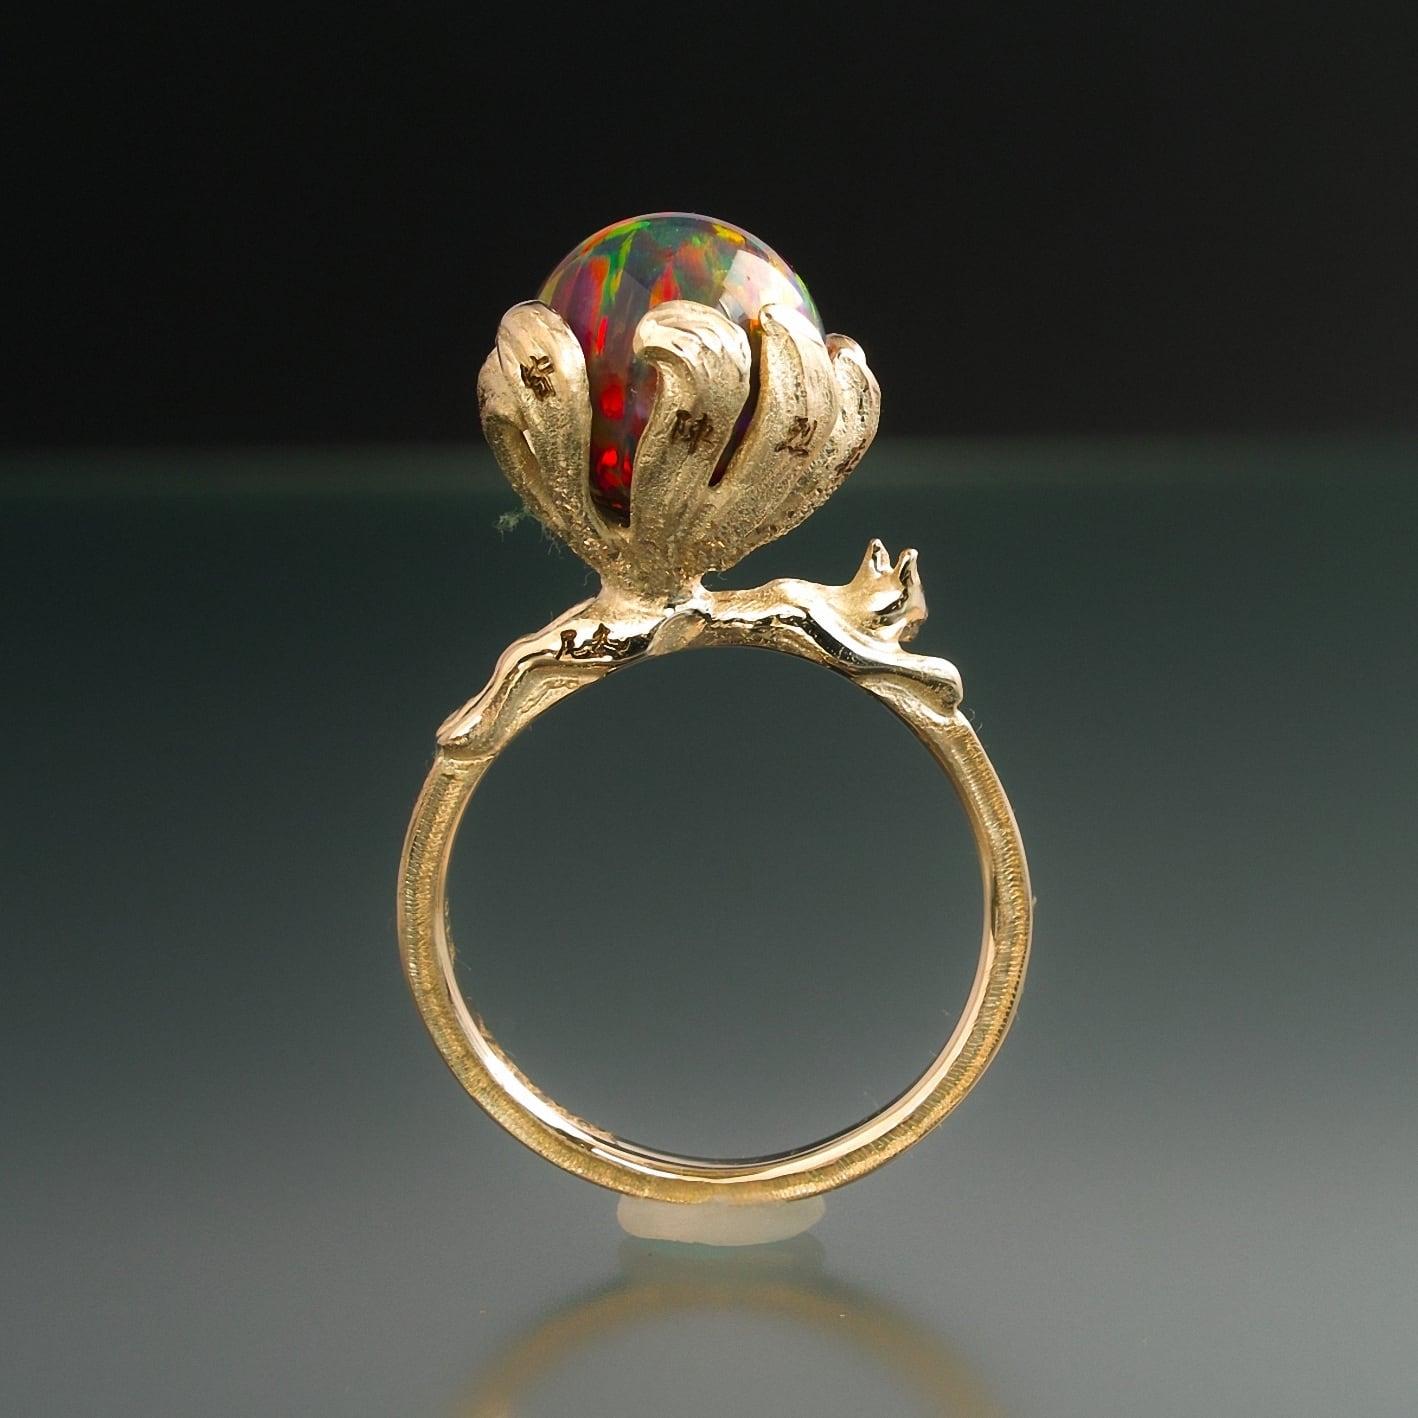 妖怪指輪 神獣 『 九尾の狐 』 10金イエローゴールド*京都オパール